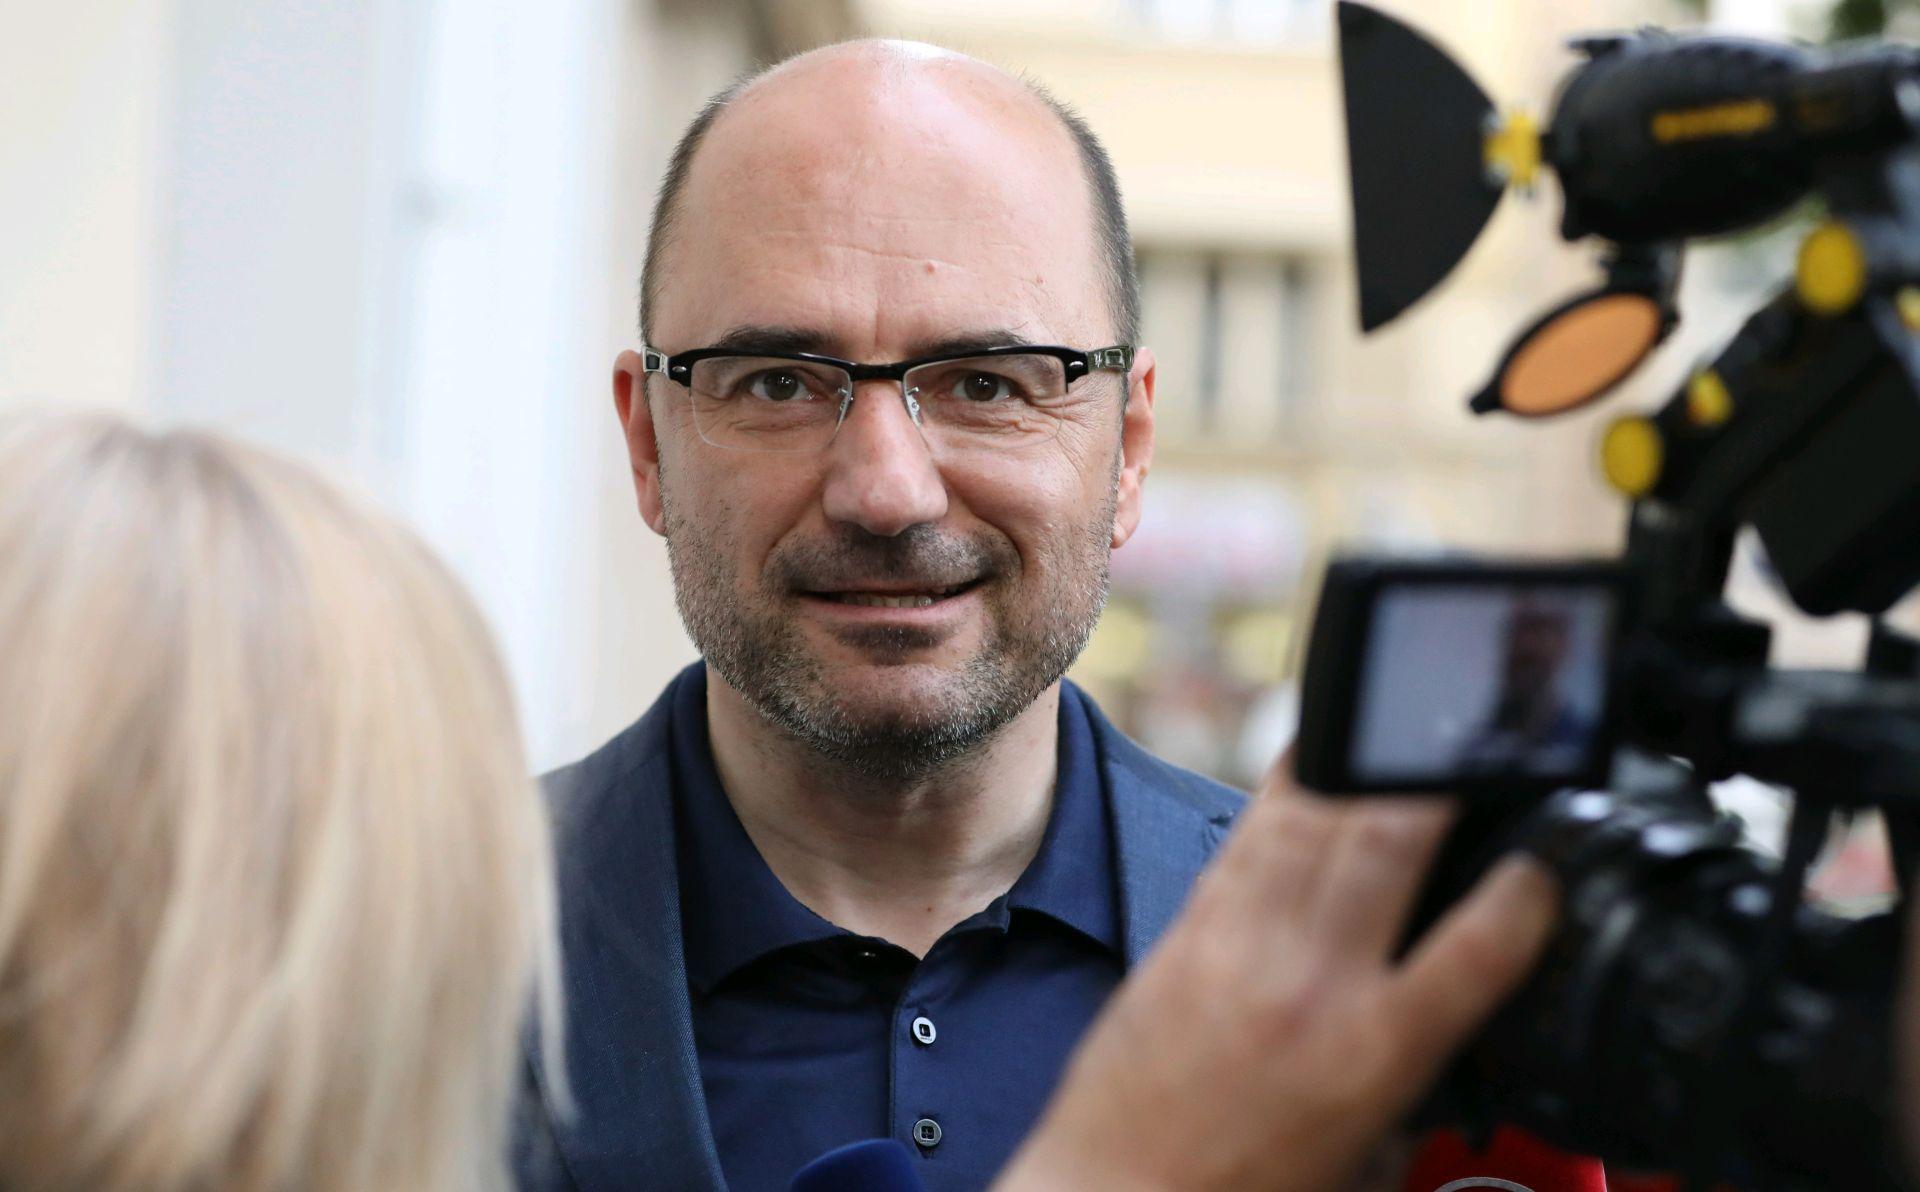 M. Brkić nakon prometne nesreće pušten iz bolnice, ispričao se vozačici tramvaja i svima zbog neugodnosti